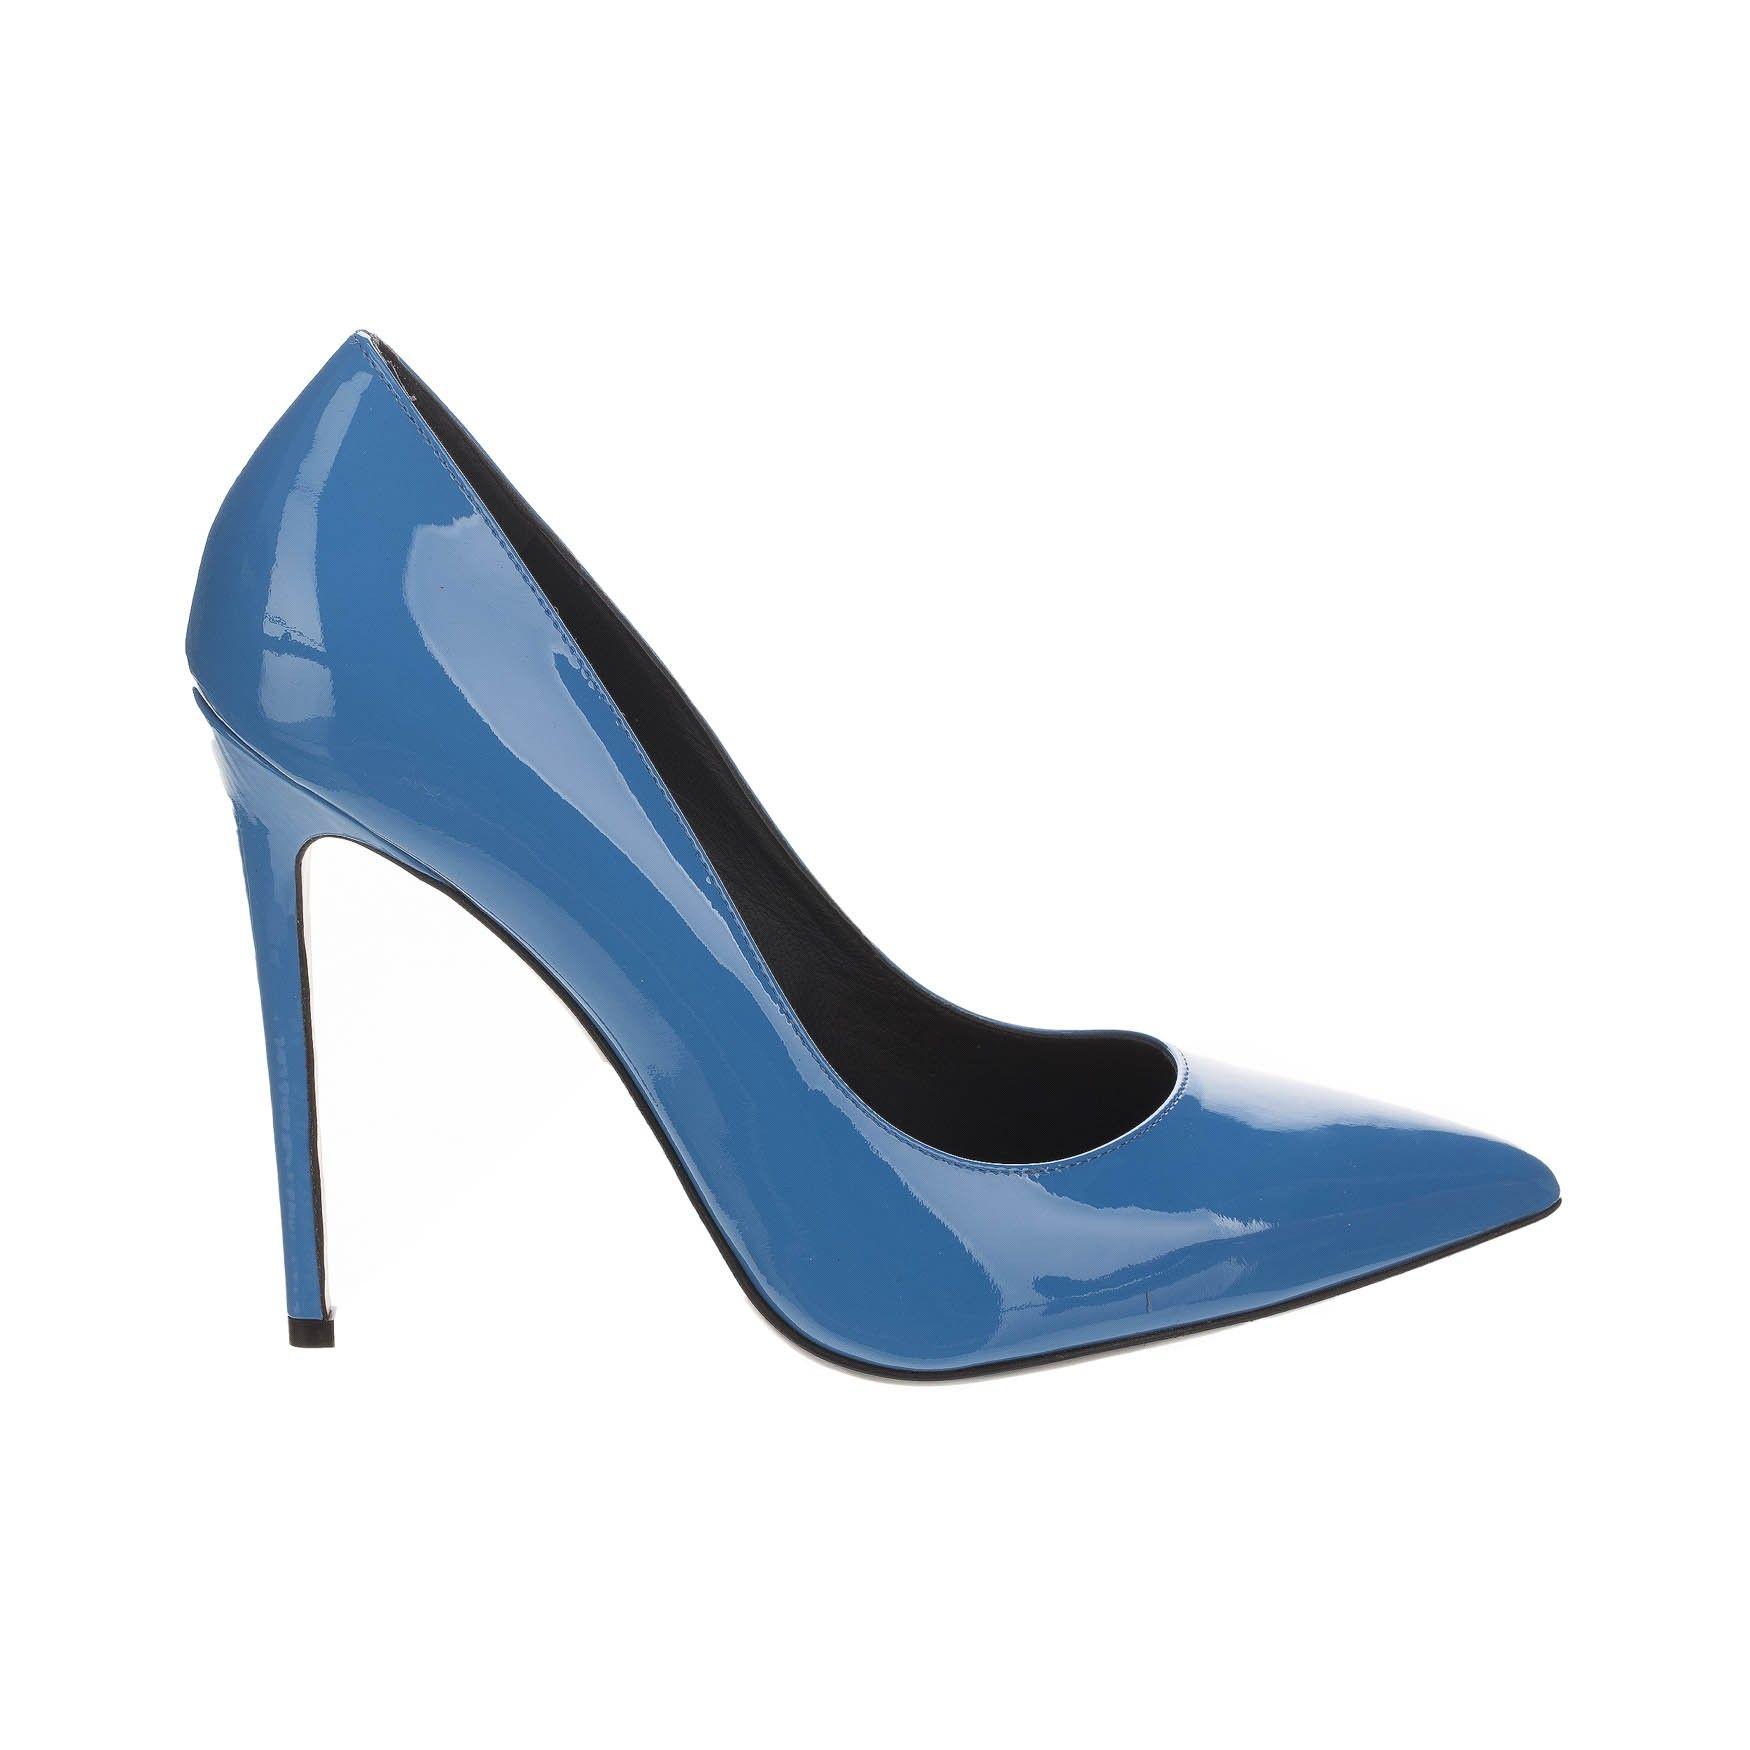 Pantofi cu toc, Gianmarco Lorenzi Italy, albastru Albastru 37